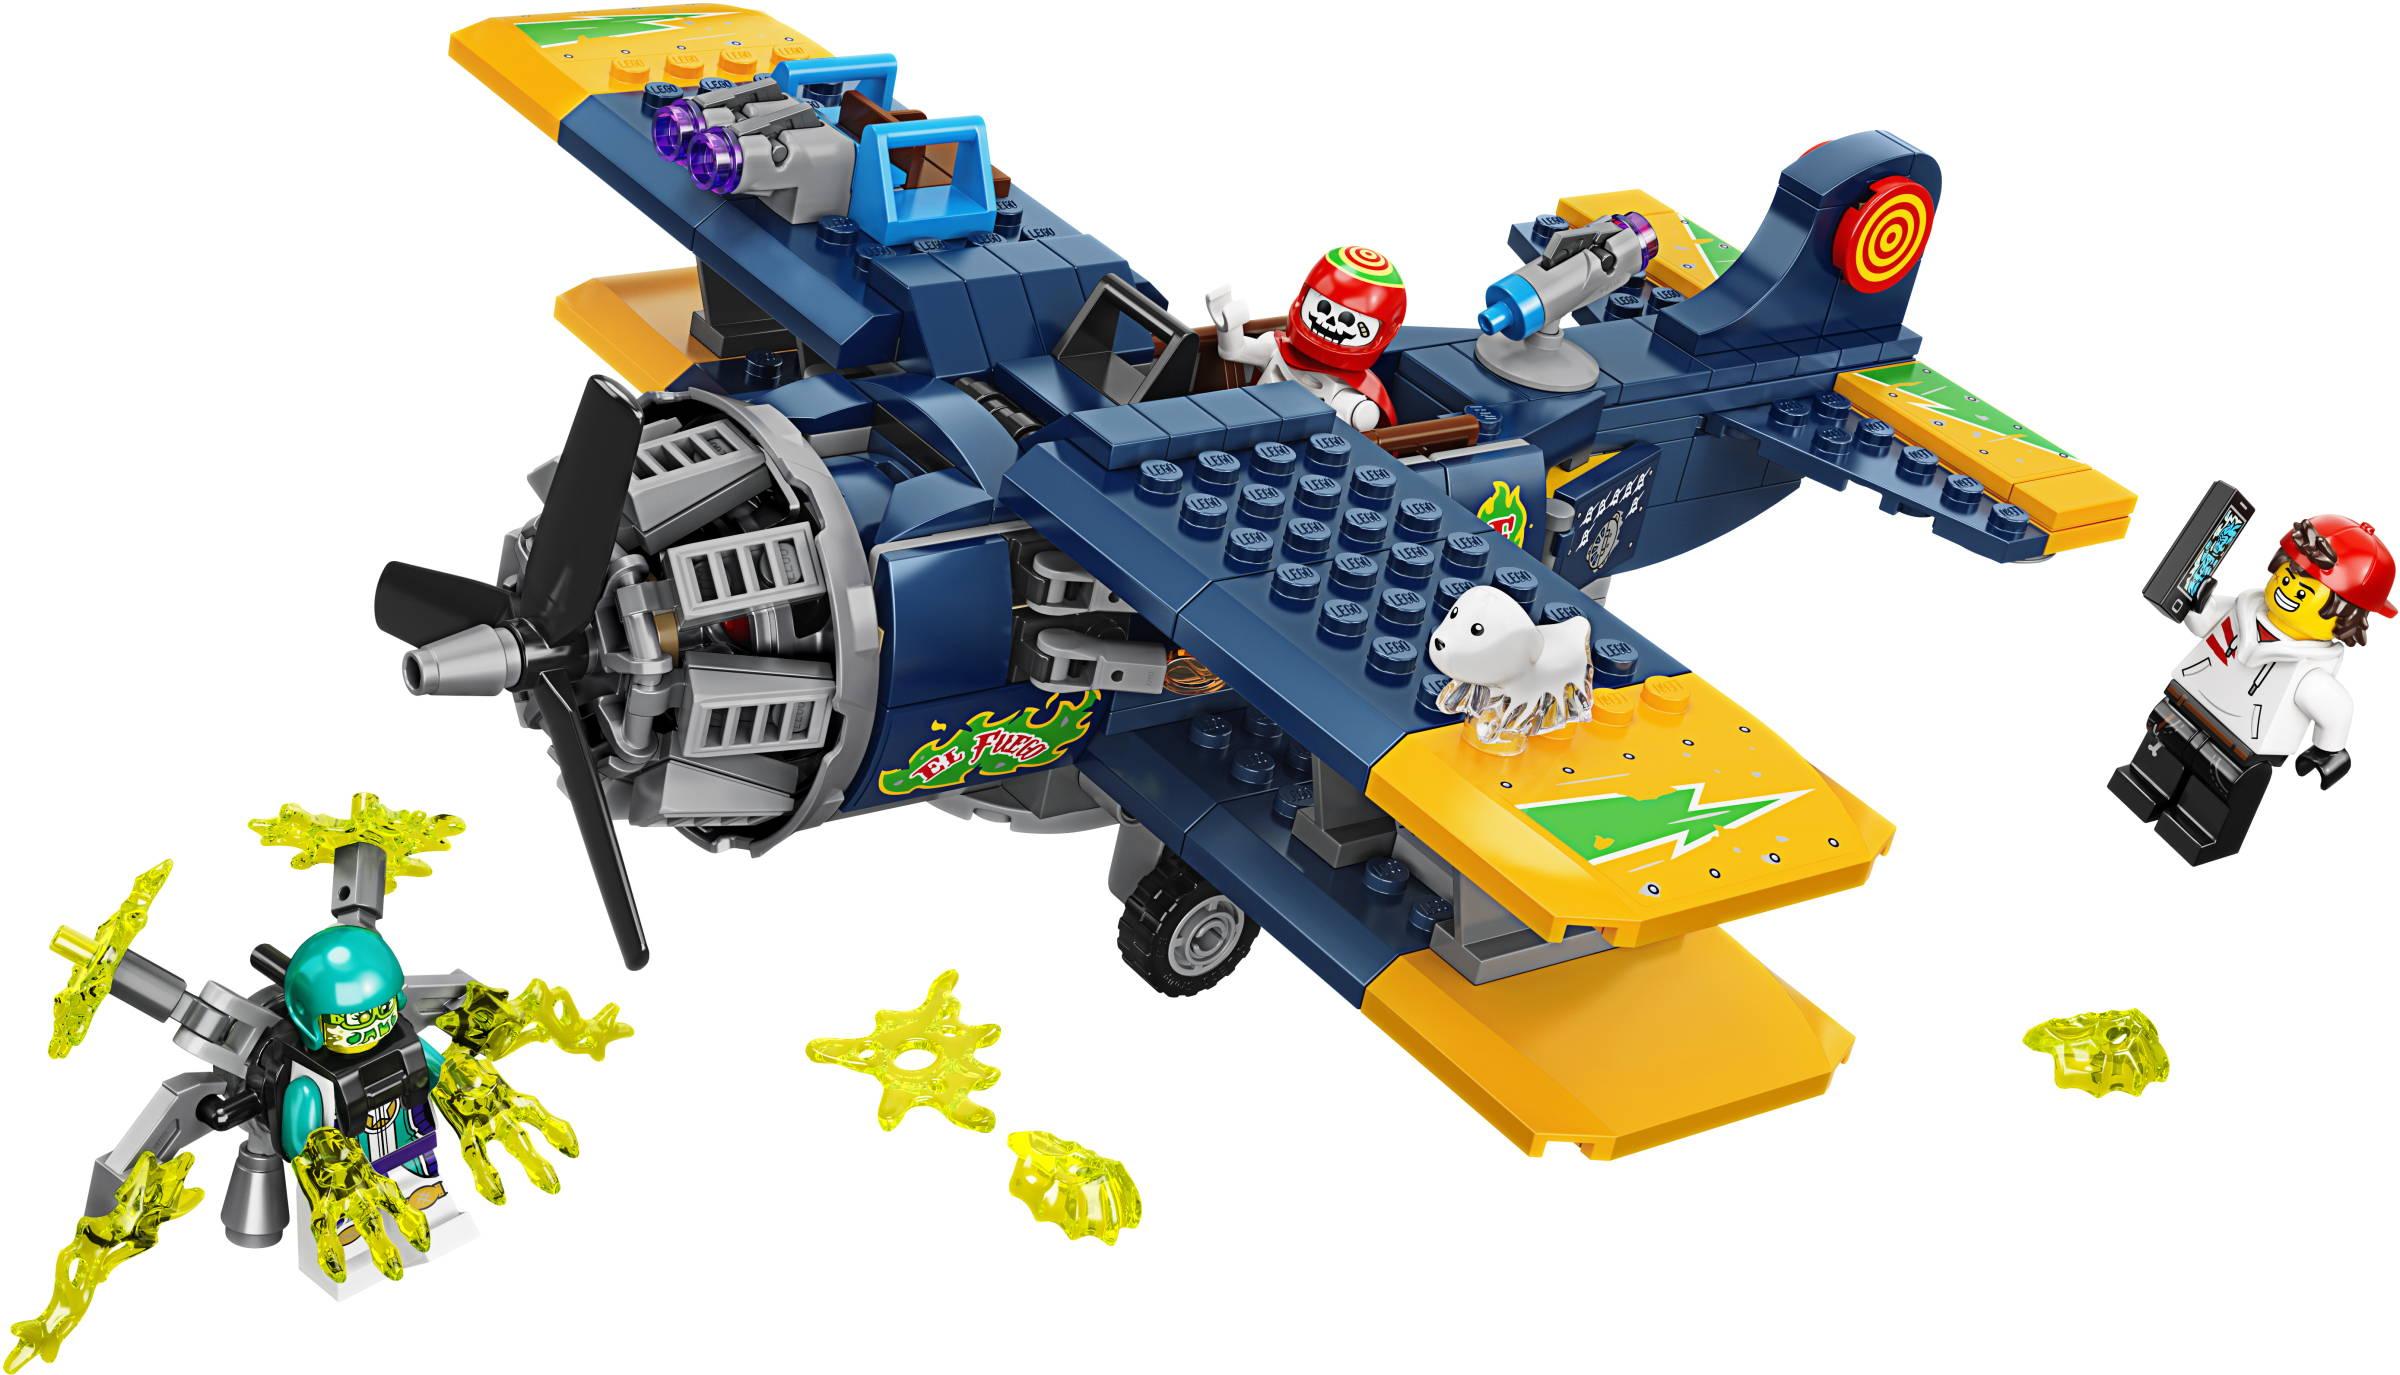 70429-1: El Fuego's Stunt Airplane